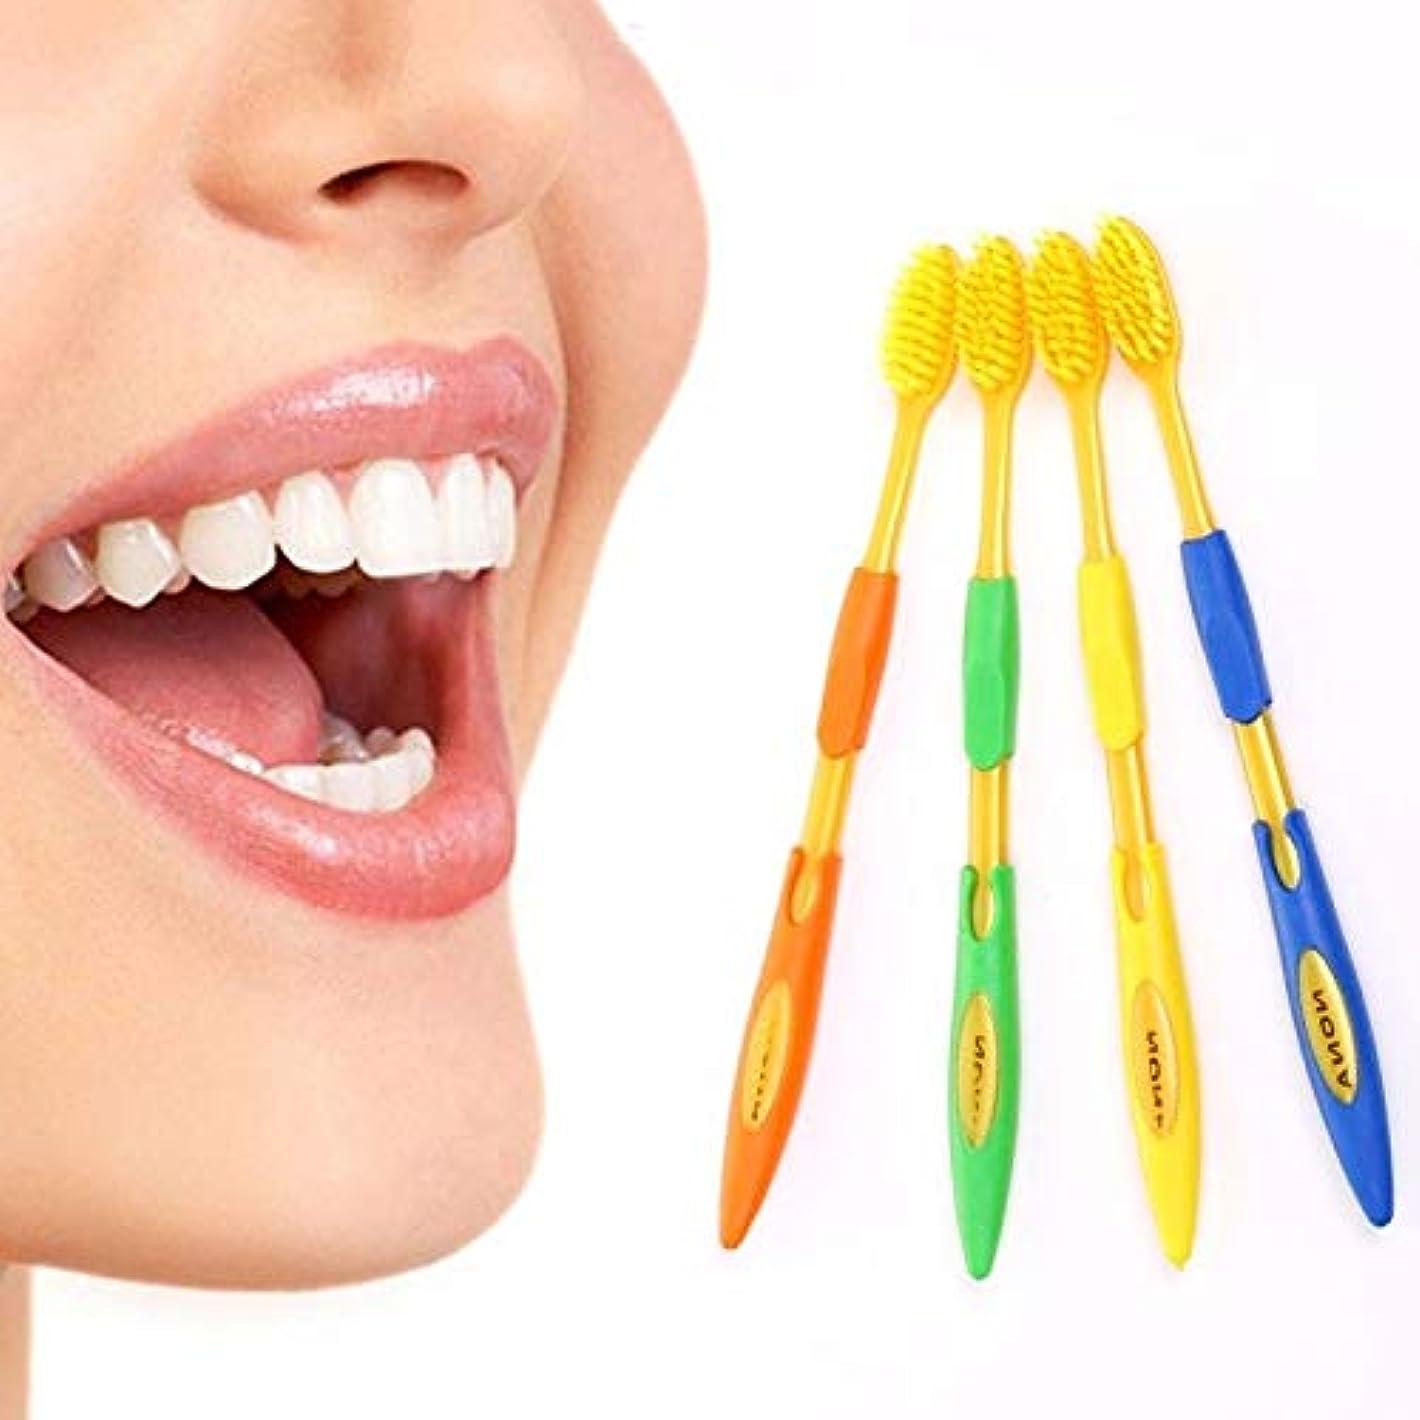 ほとんどないシャーク拍車歯ブラシ4本 歯間ブラシ 柔らかい 衛生 除菌